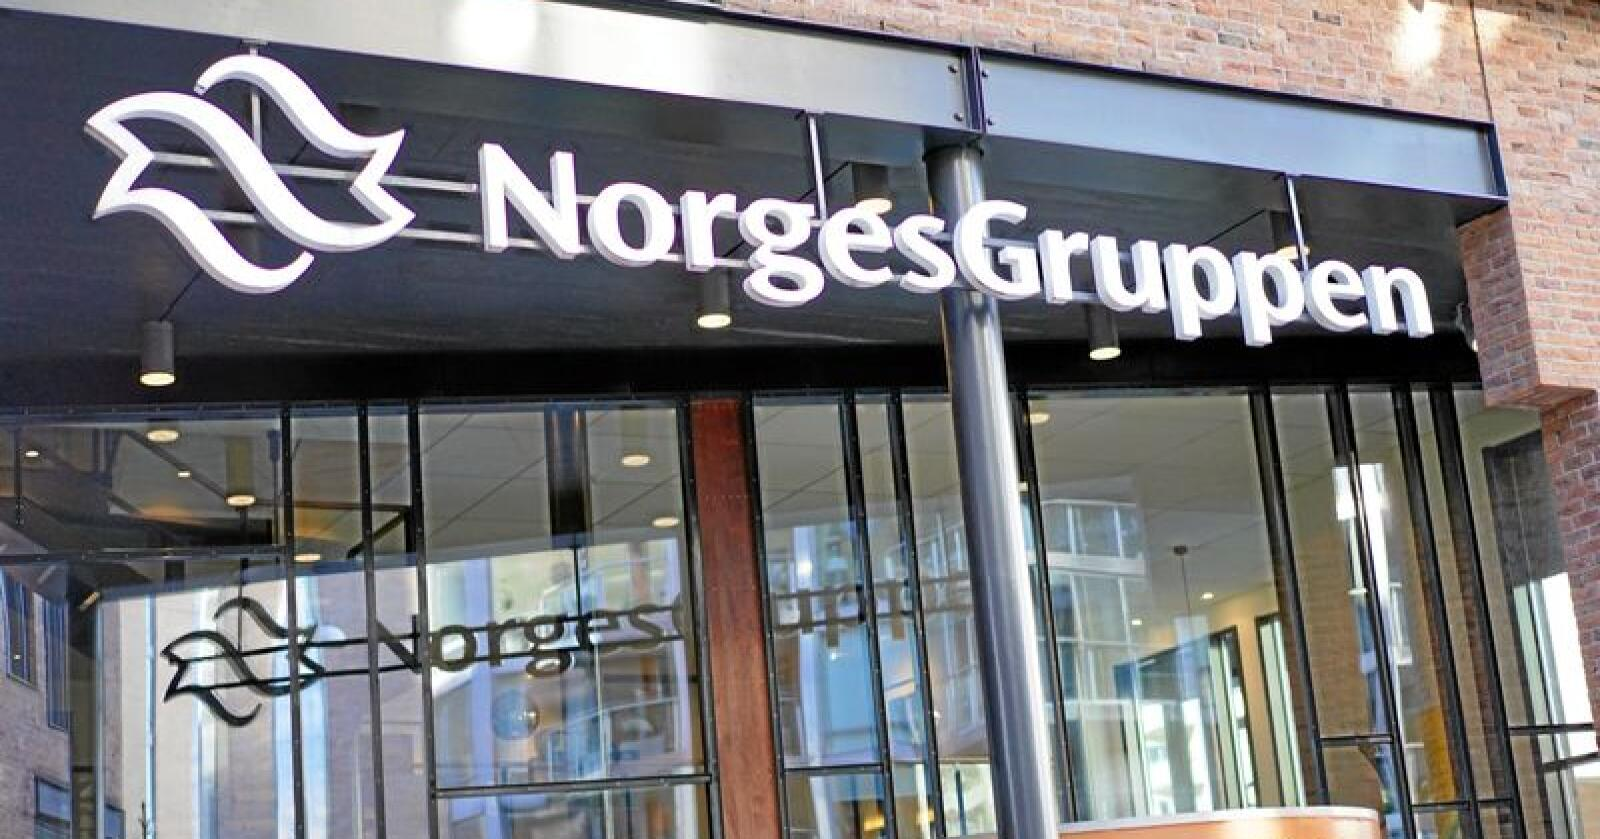 Dominerende: Mange leverandører har en dominerende posisjon i markedet, skriver Bård Gultvedt i Norgesgruppen. Foto: Benjamin Hernes Vogl